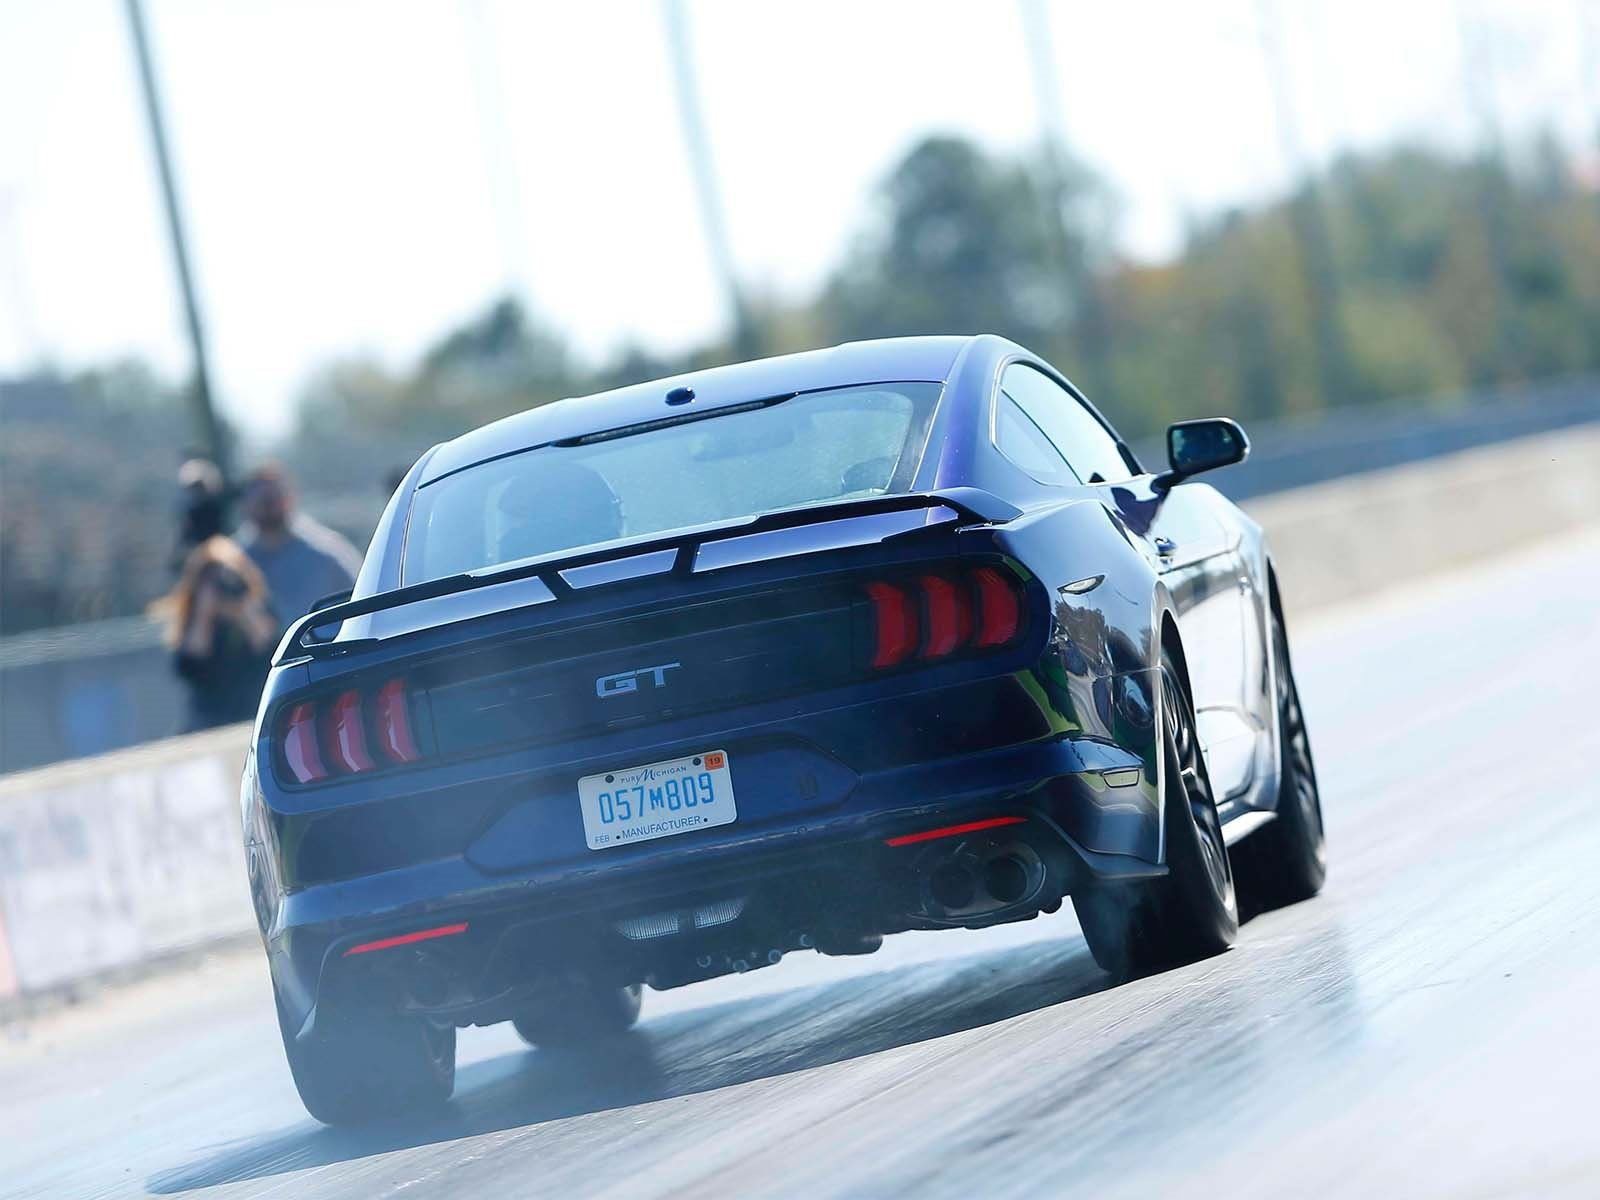 К настоящему времени Ford уже подтвердил, что гибридная версия нынешнего Mustang появится впервые за 50-летюю историю модели.